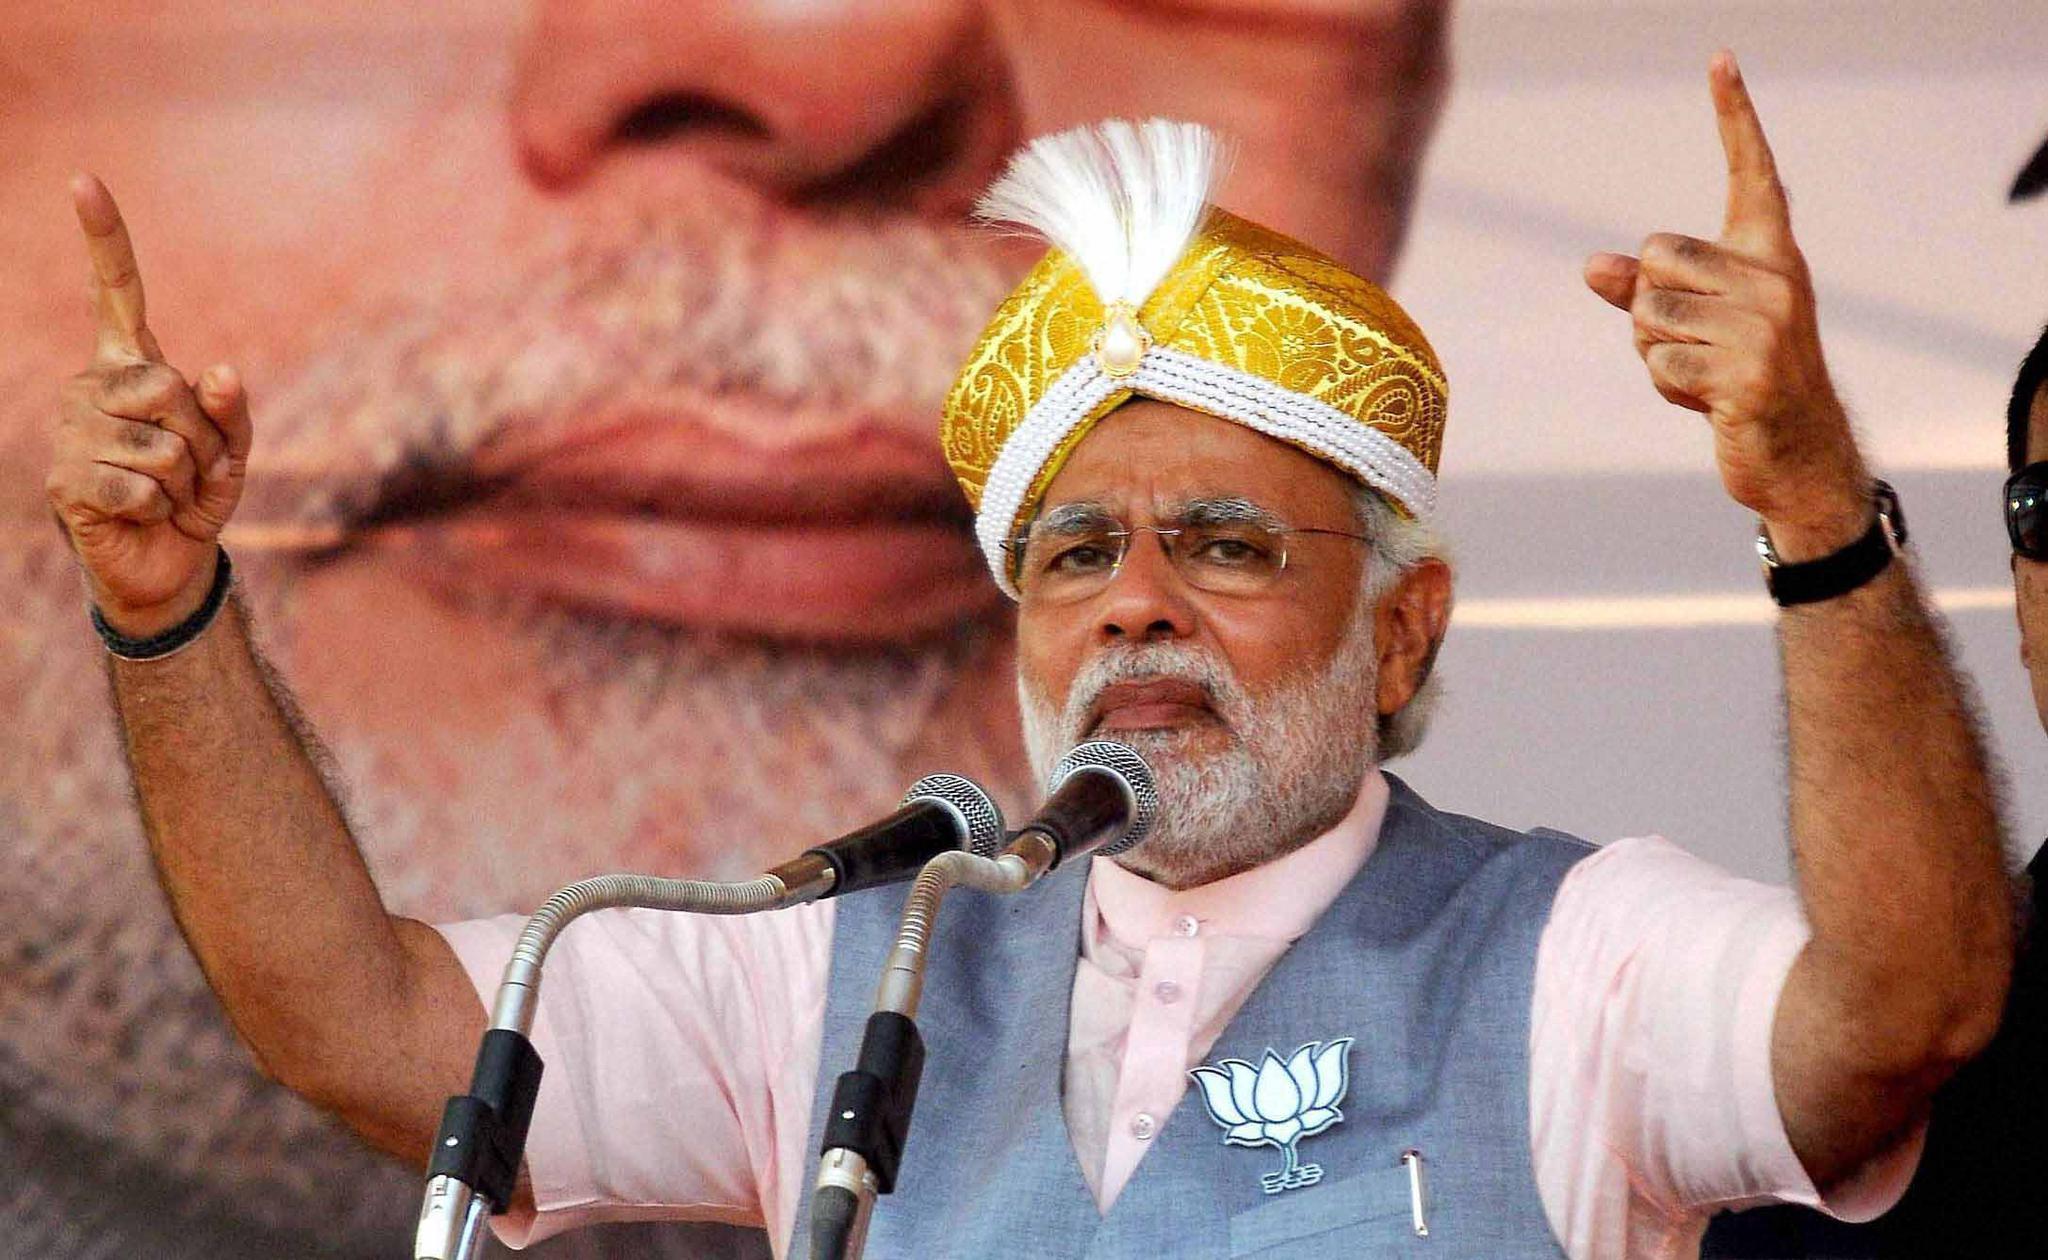 美媒:印度取代中国成为外商青睐的并购目标市场